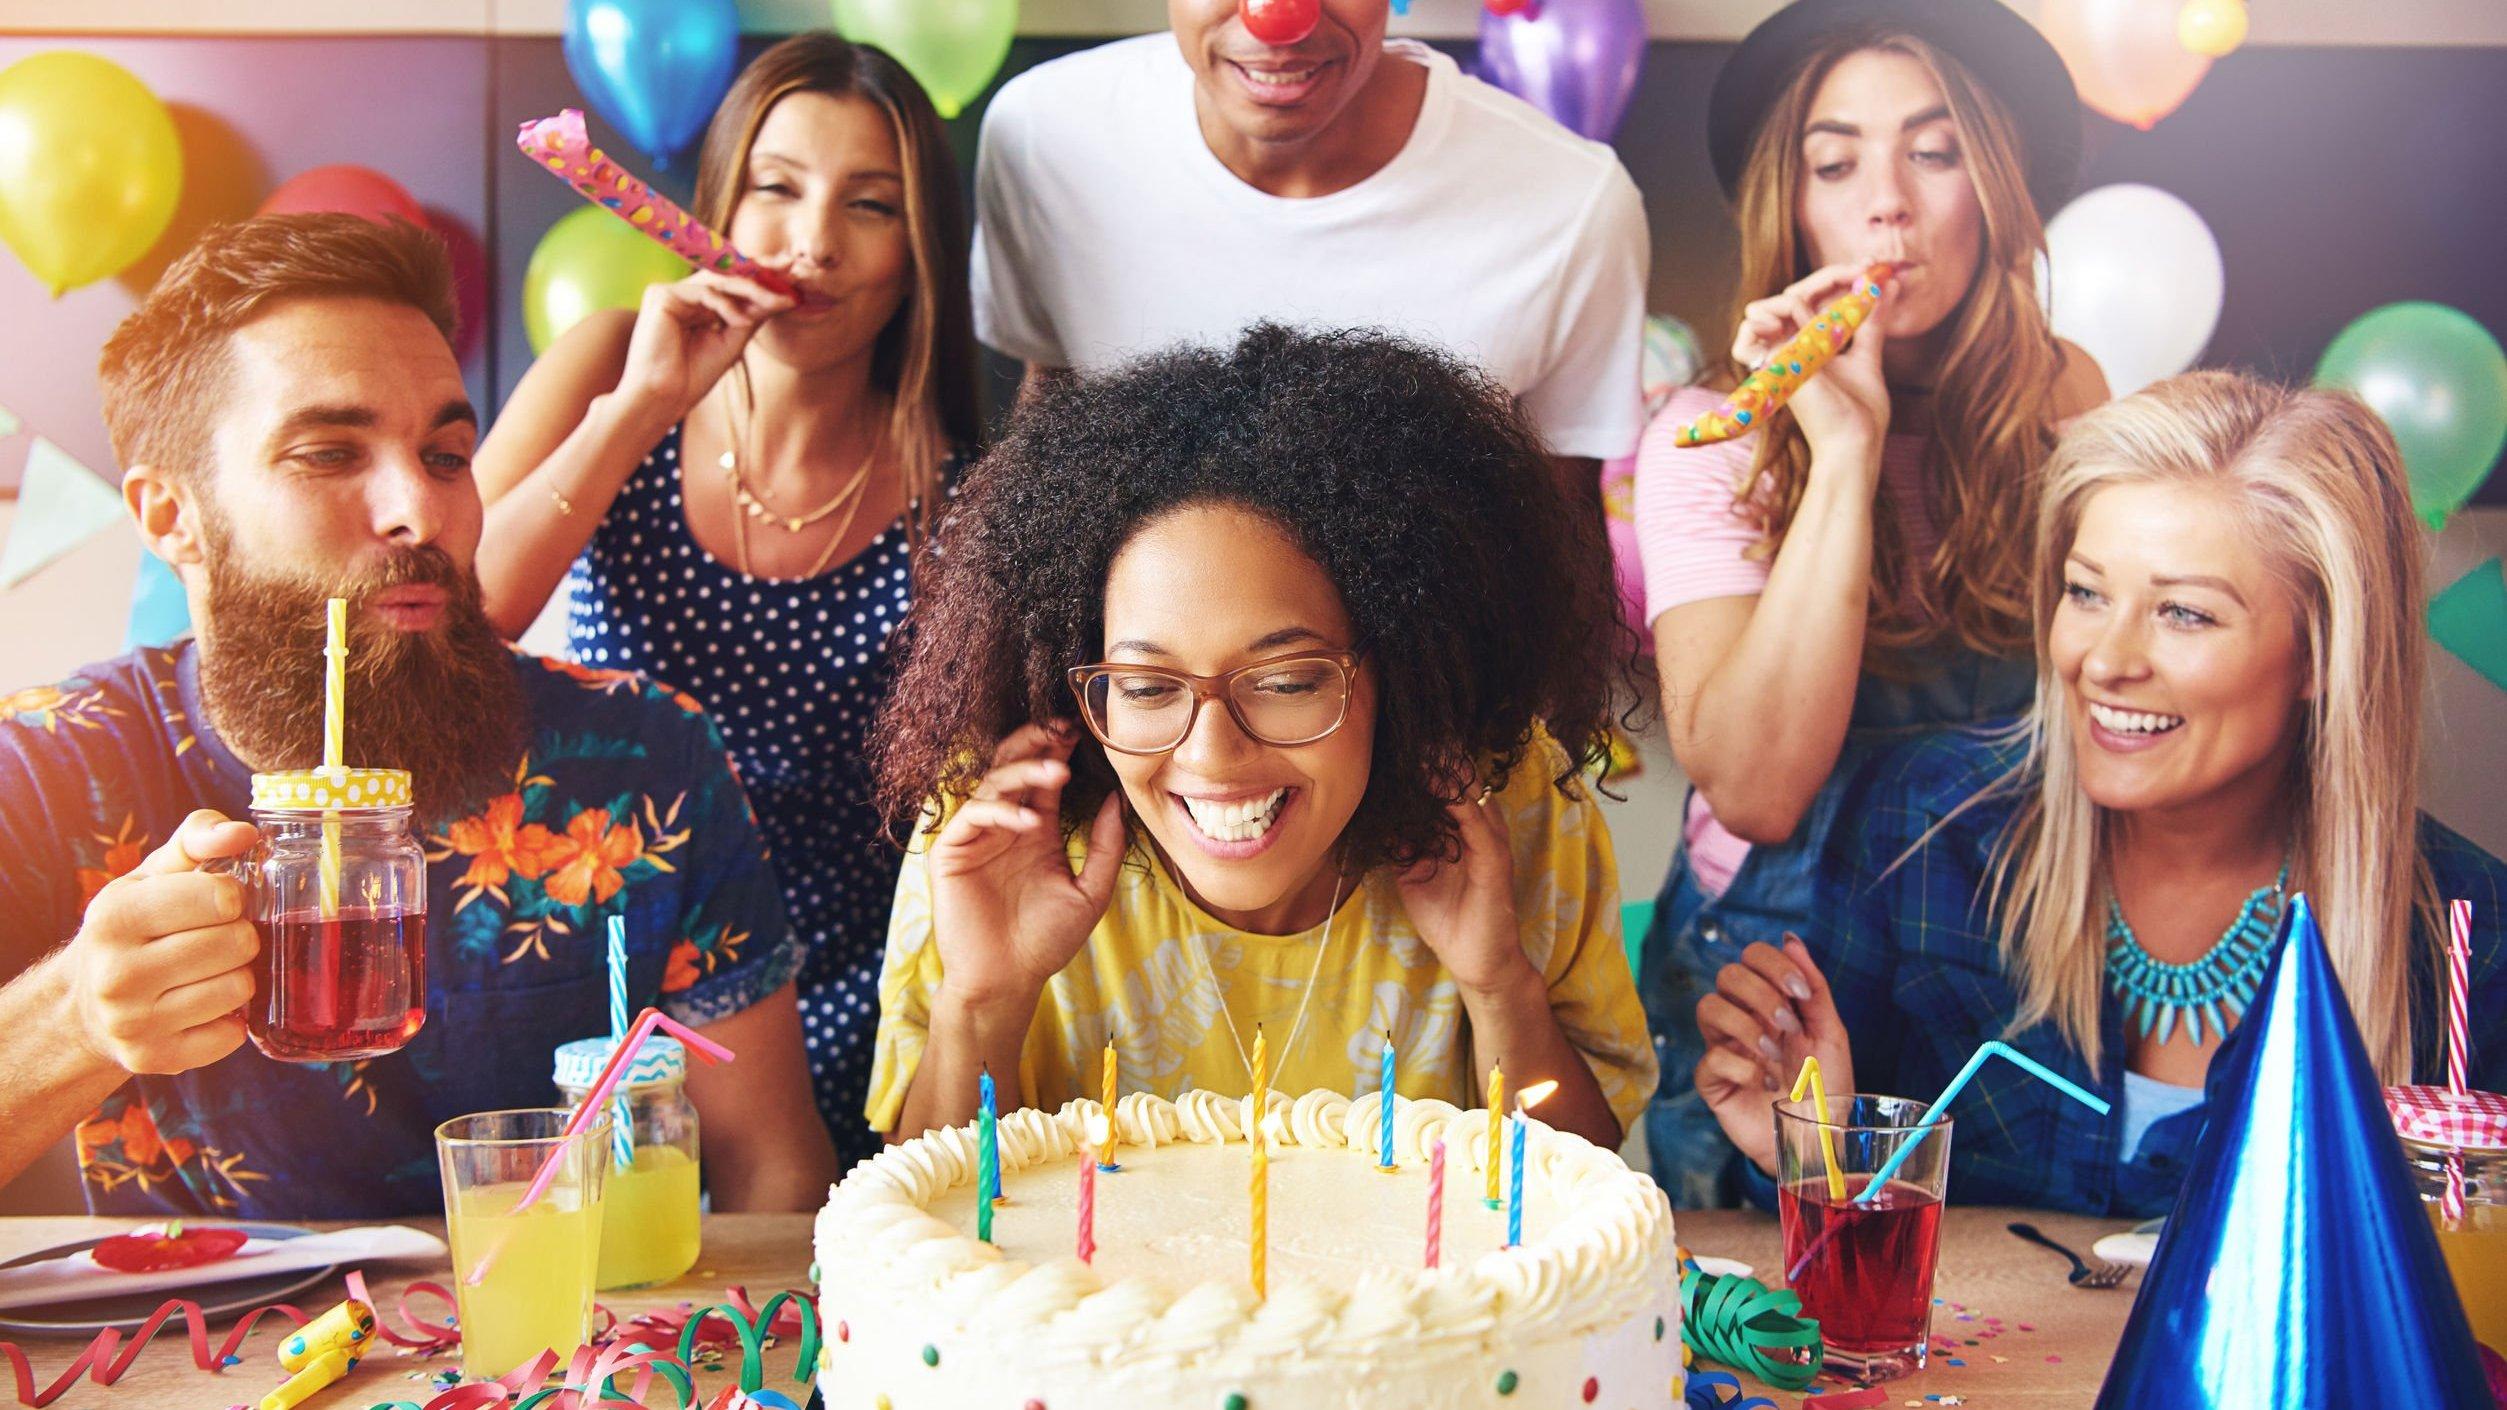 Mulher sorrindo com bolo em sua frente, enquanto pessoas a sua volta assopram línguas-de-sogra.